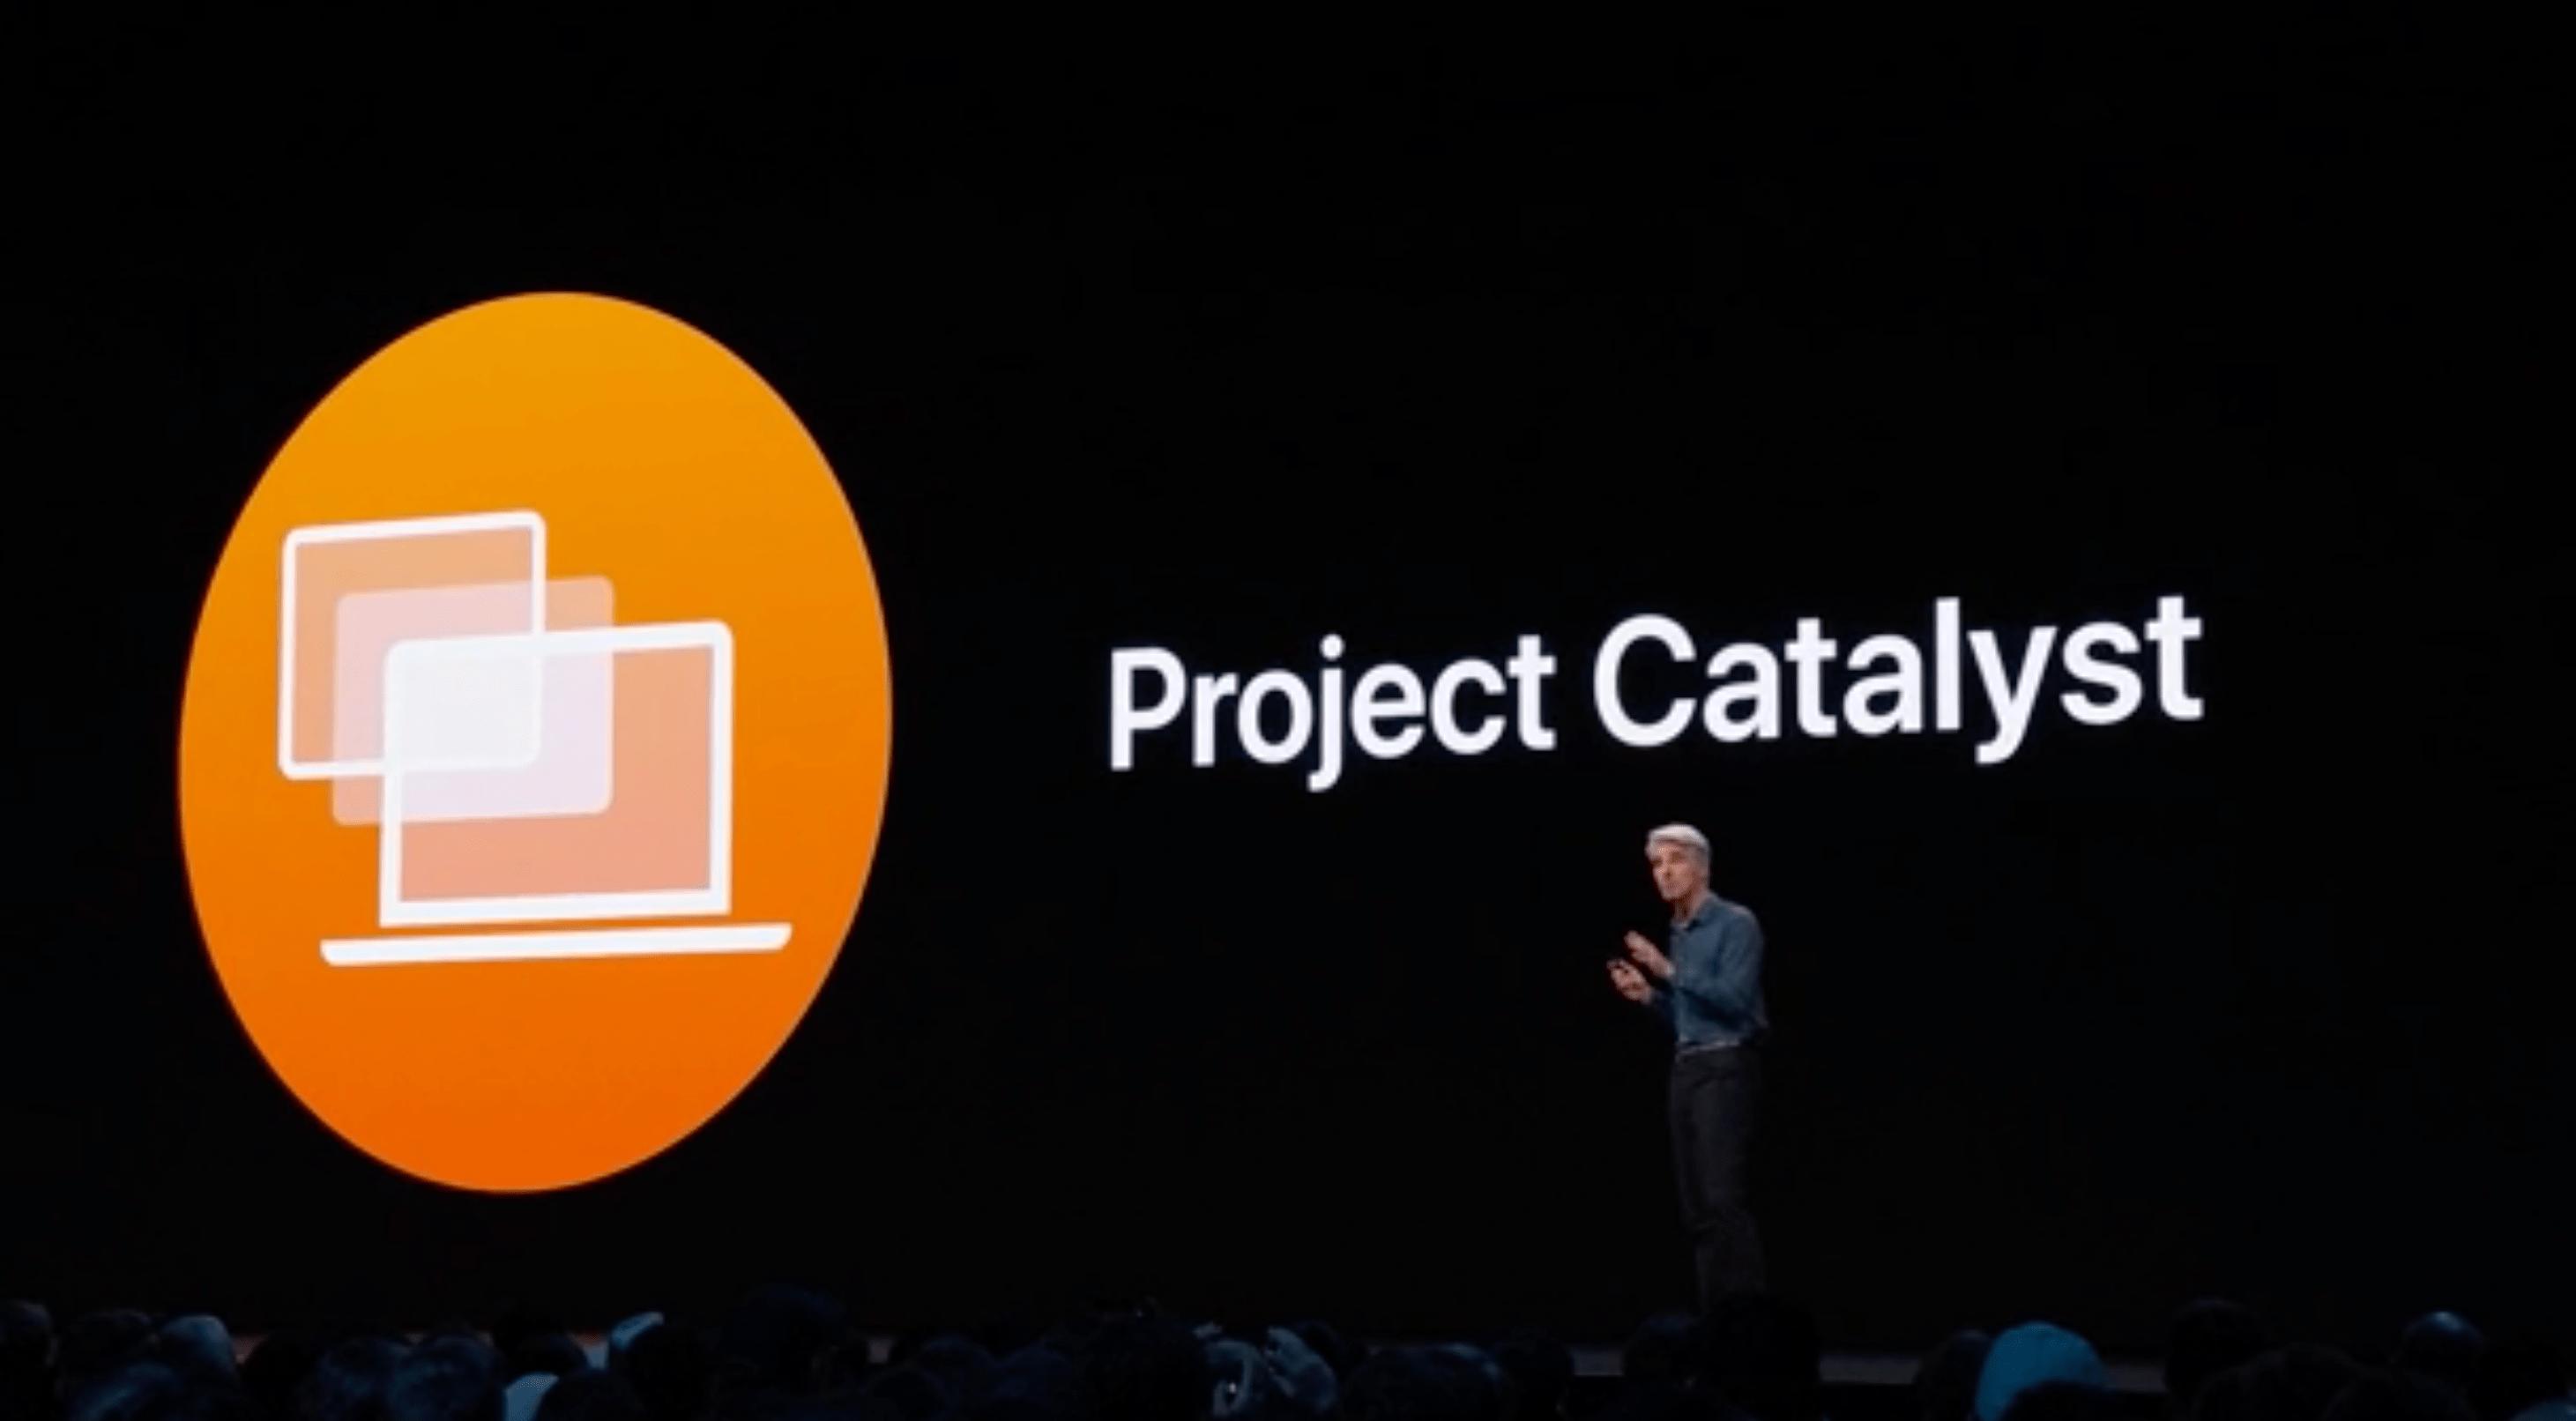 苹果 Project Catalyst 团队接受采访,解释相关问题